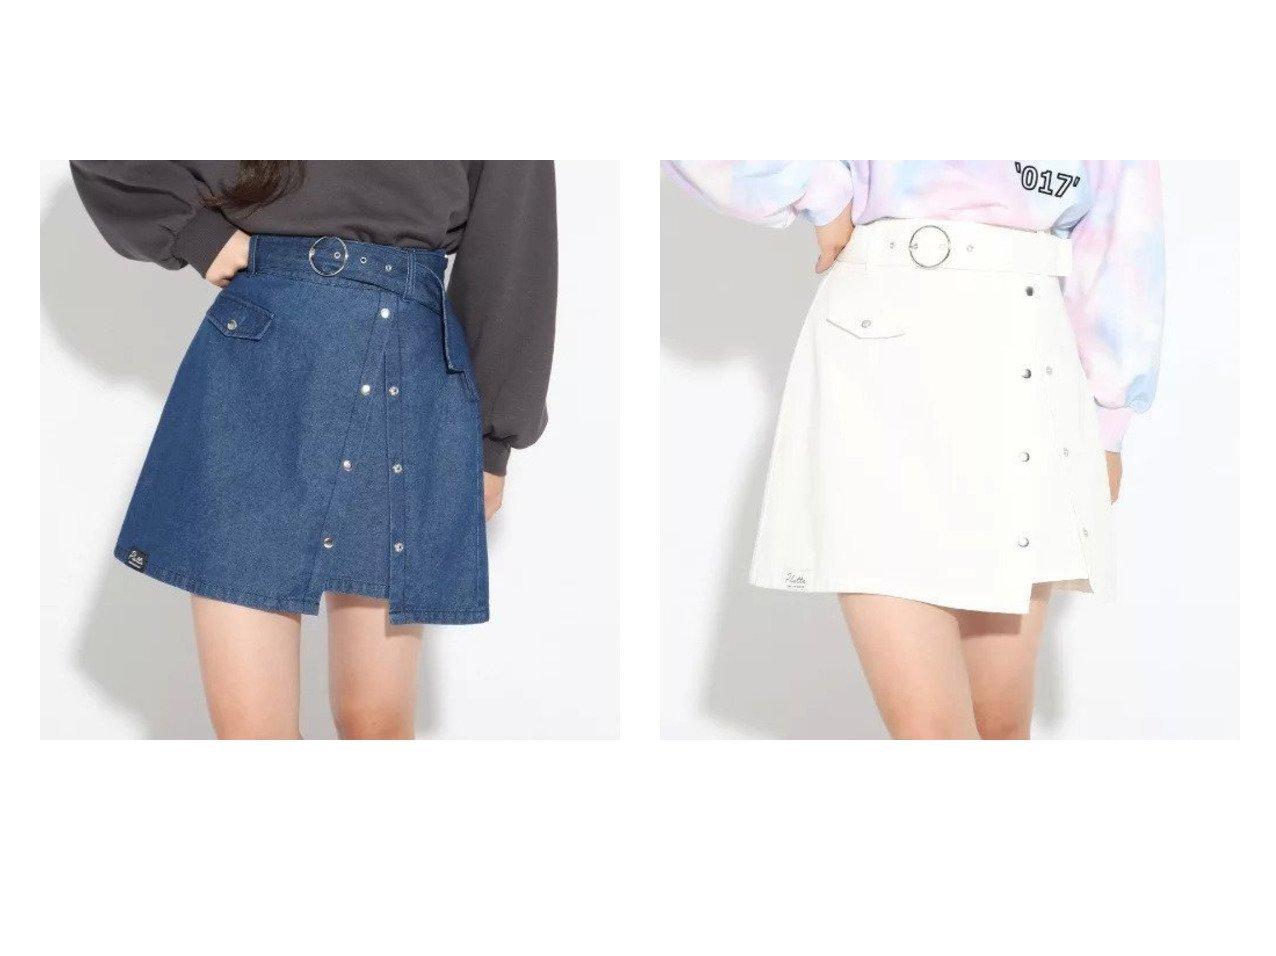 【PINK-latte / KIDS/ピンク ラテ】の太ベルトドットボタンスカート 【KIDS】子供服のおすすめ!人気トレンド・キッズファッションの通販  おすすめで人気の流行・トレンド、ファッションの通販商品 メンズファッション・キッズファッション・インテリア・家具・レディースファッション・服の通販 founy(ファニー) https://founy.com/ ファッション Fashion キッズファッション KIDS インナー スリット デニム ポケット ミニスカート メタル ラウンド  ID:crp329100000014279